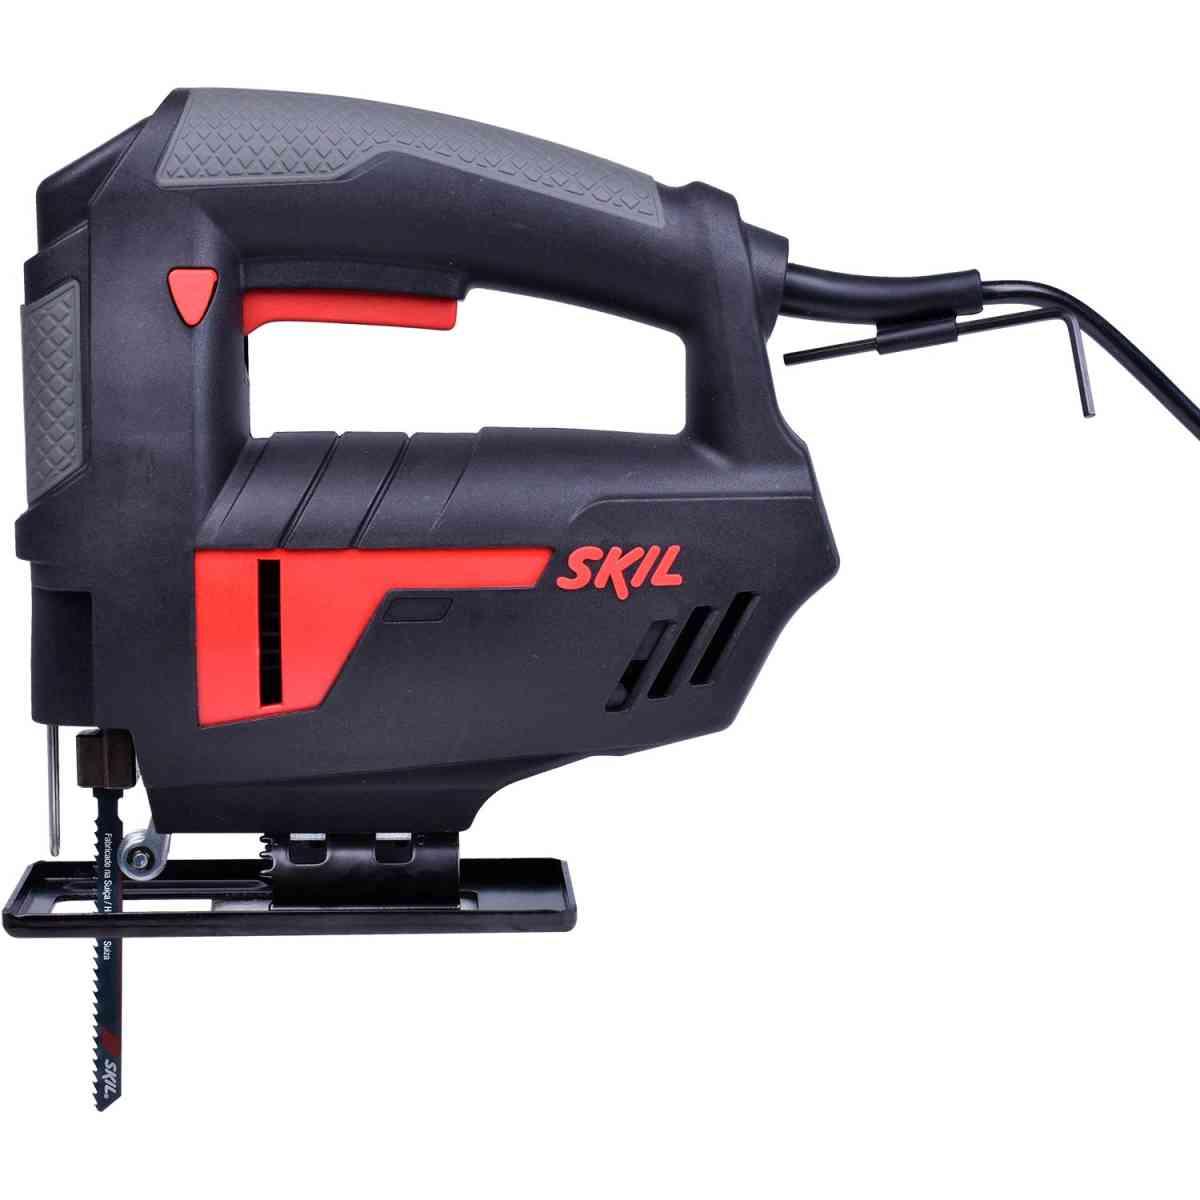 Maquina Serra Tico-Tico 400w - Bosch Skil